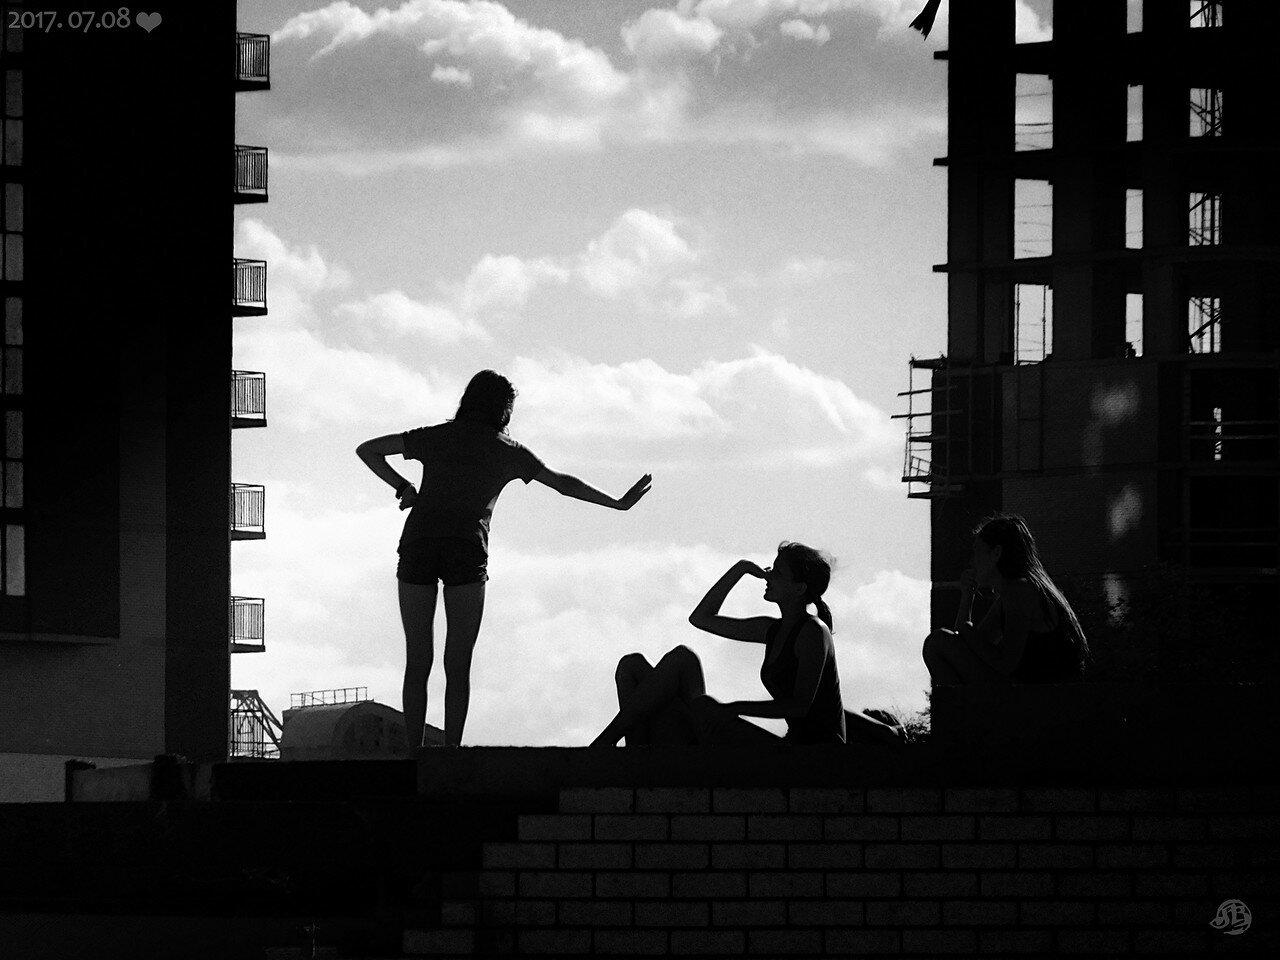 Изобразительное и фото творчество форумчан (2)